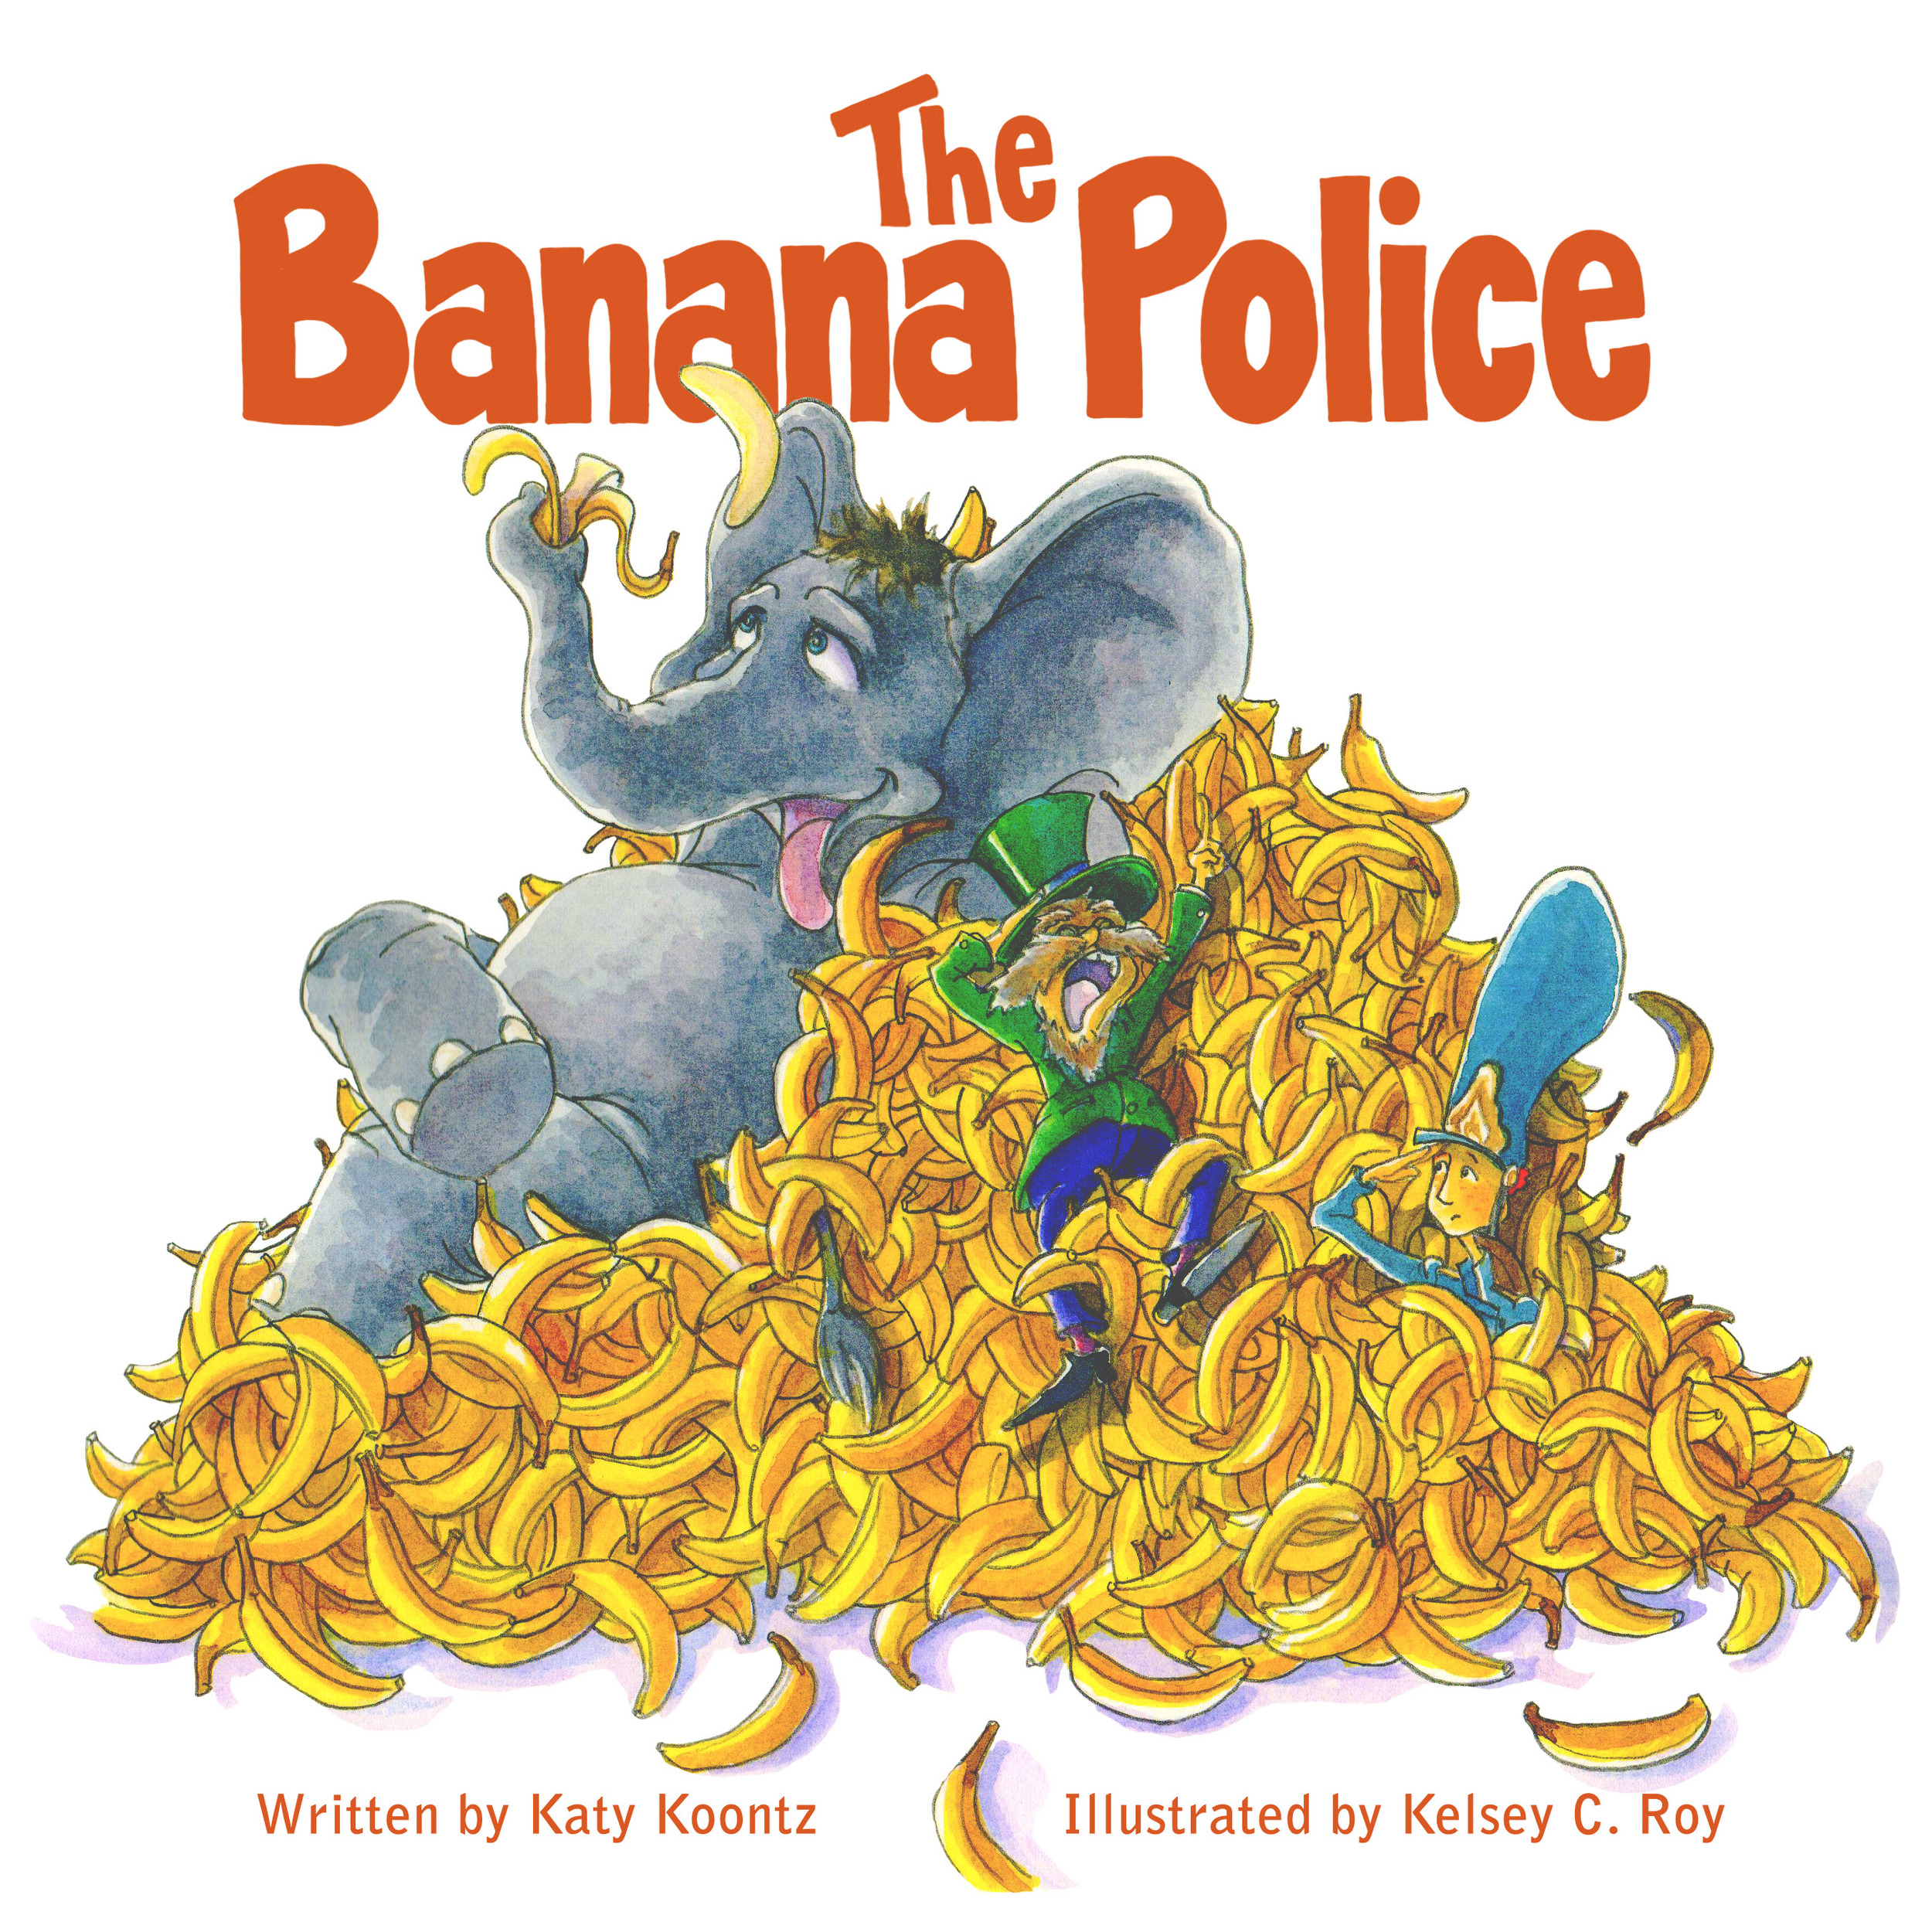 bananacover.jpg